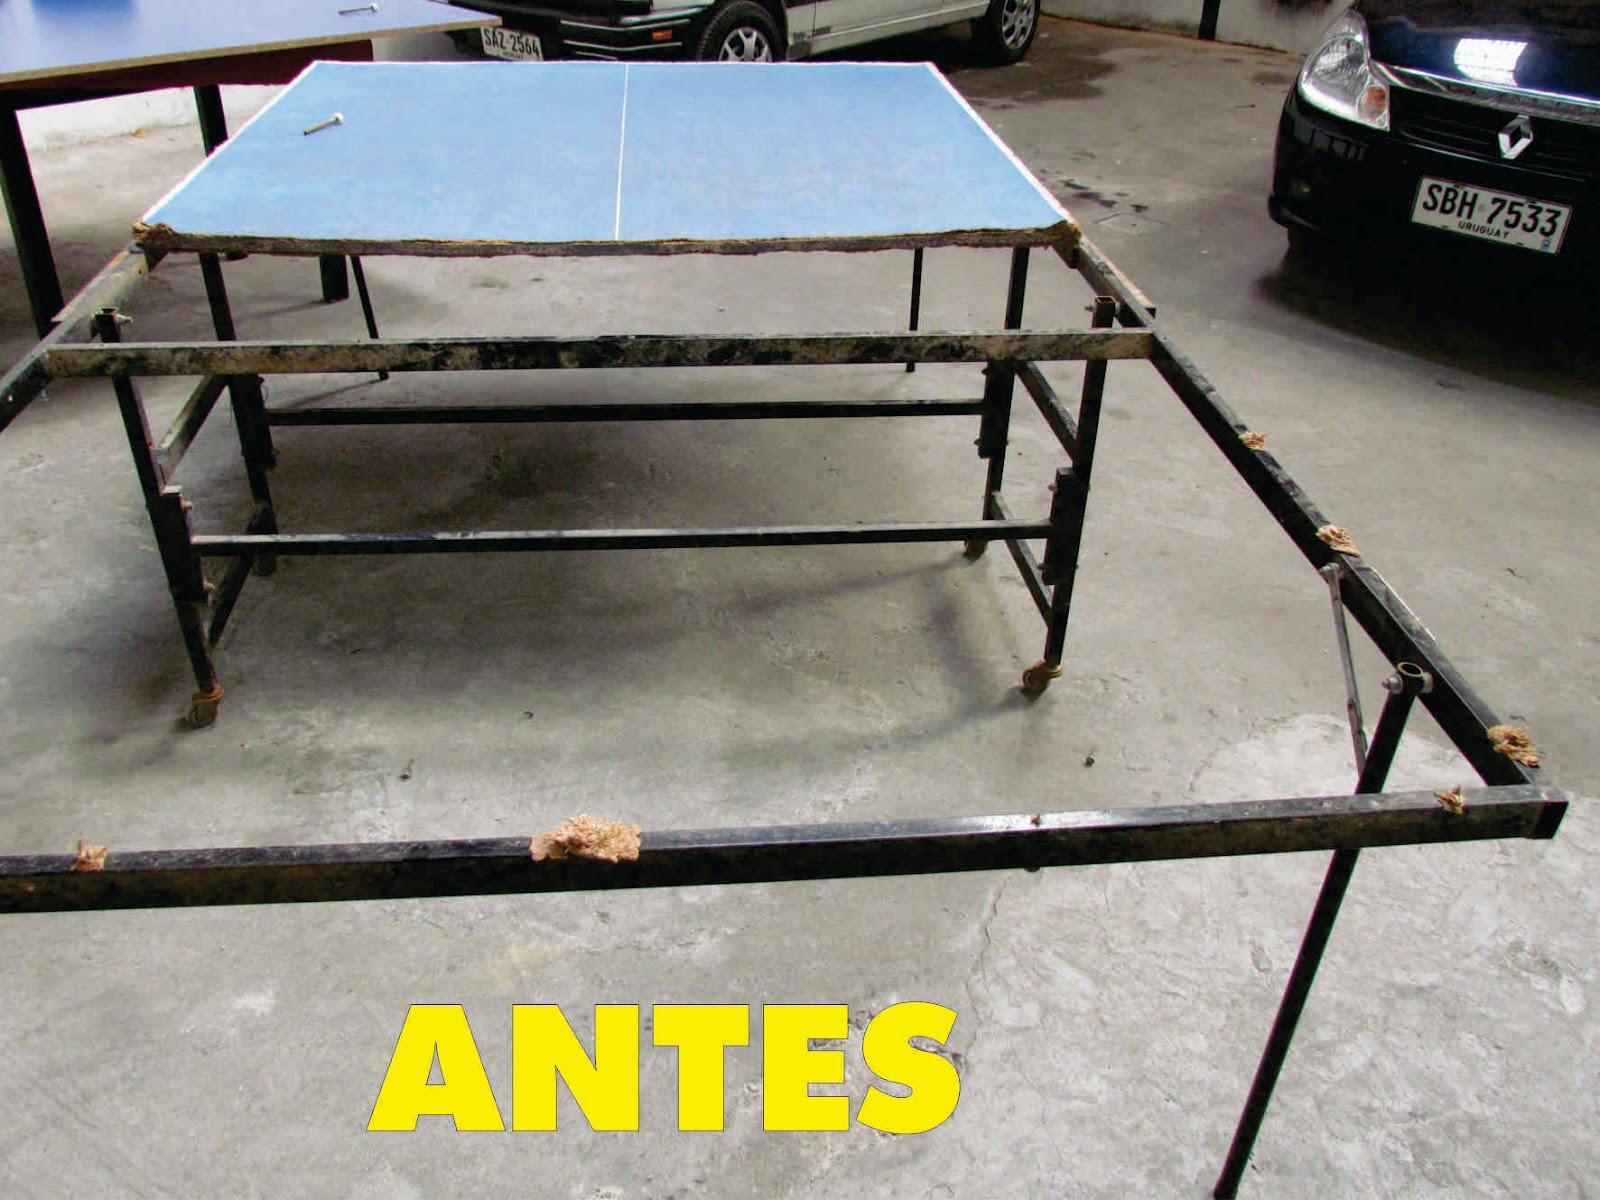 Mesas de ping pong reparaci n de mesas de ping pong for Mesa de ping pong milanuncios